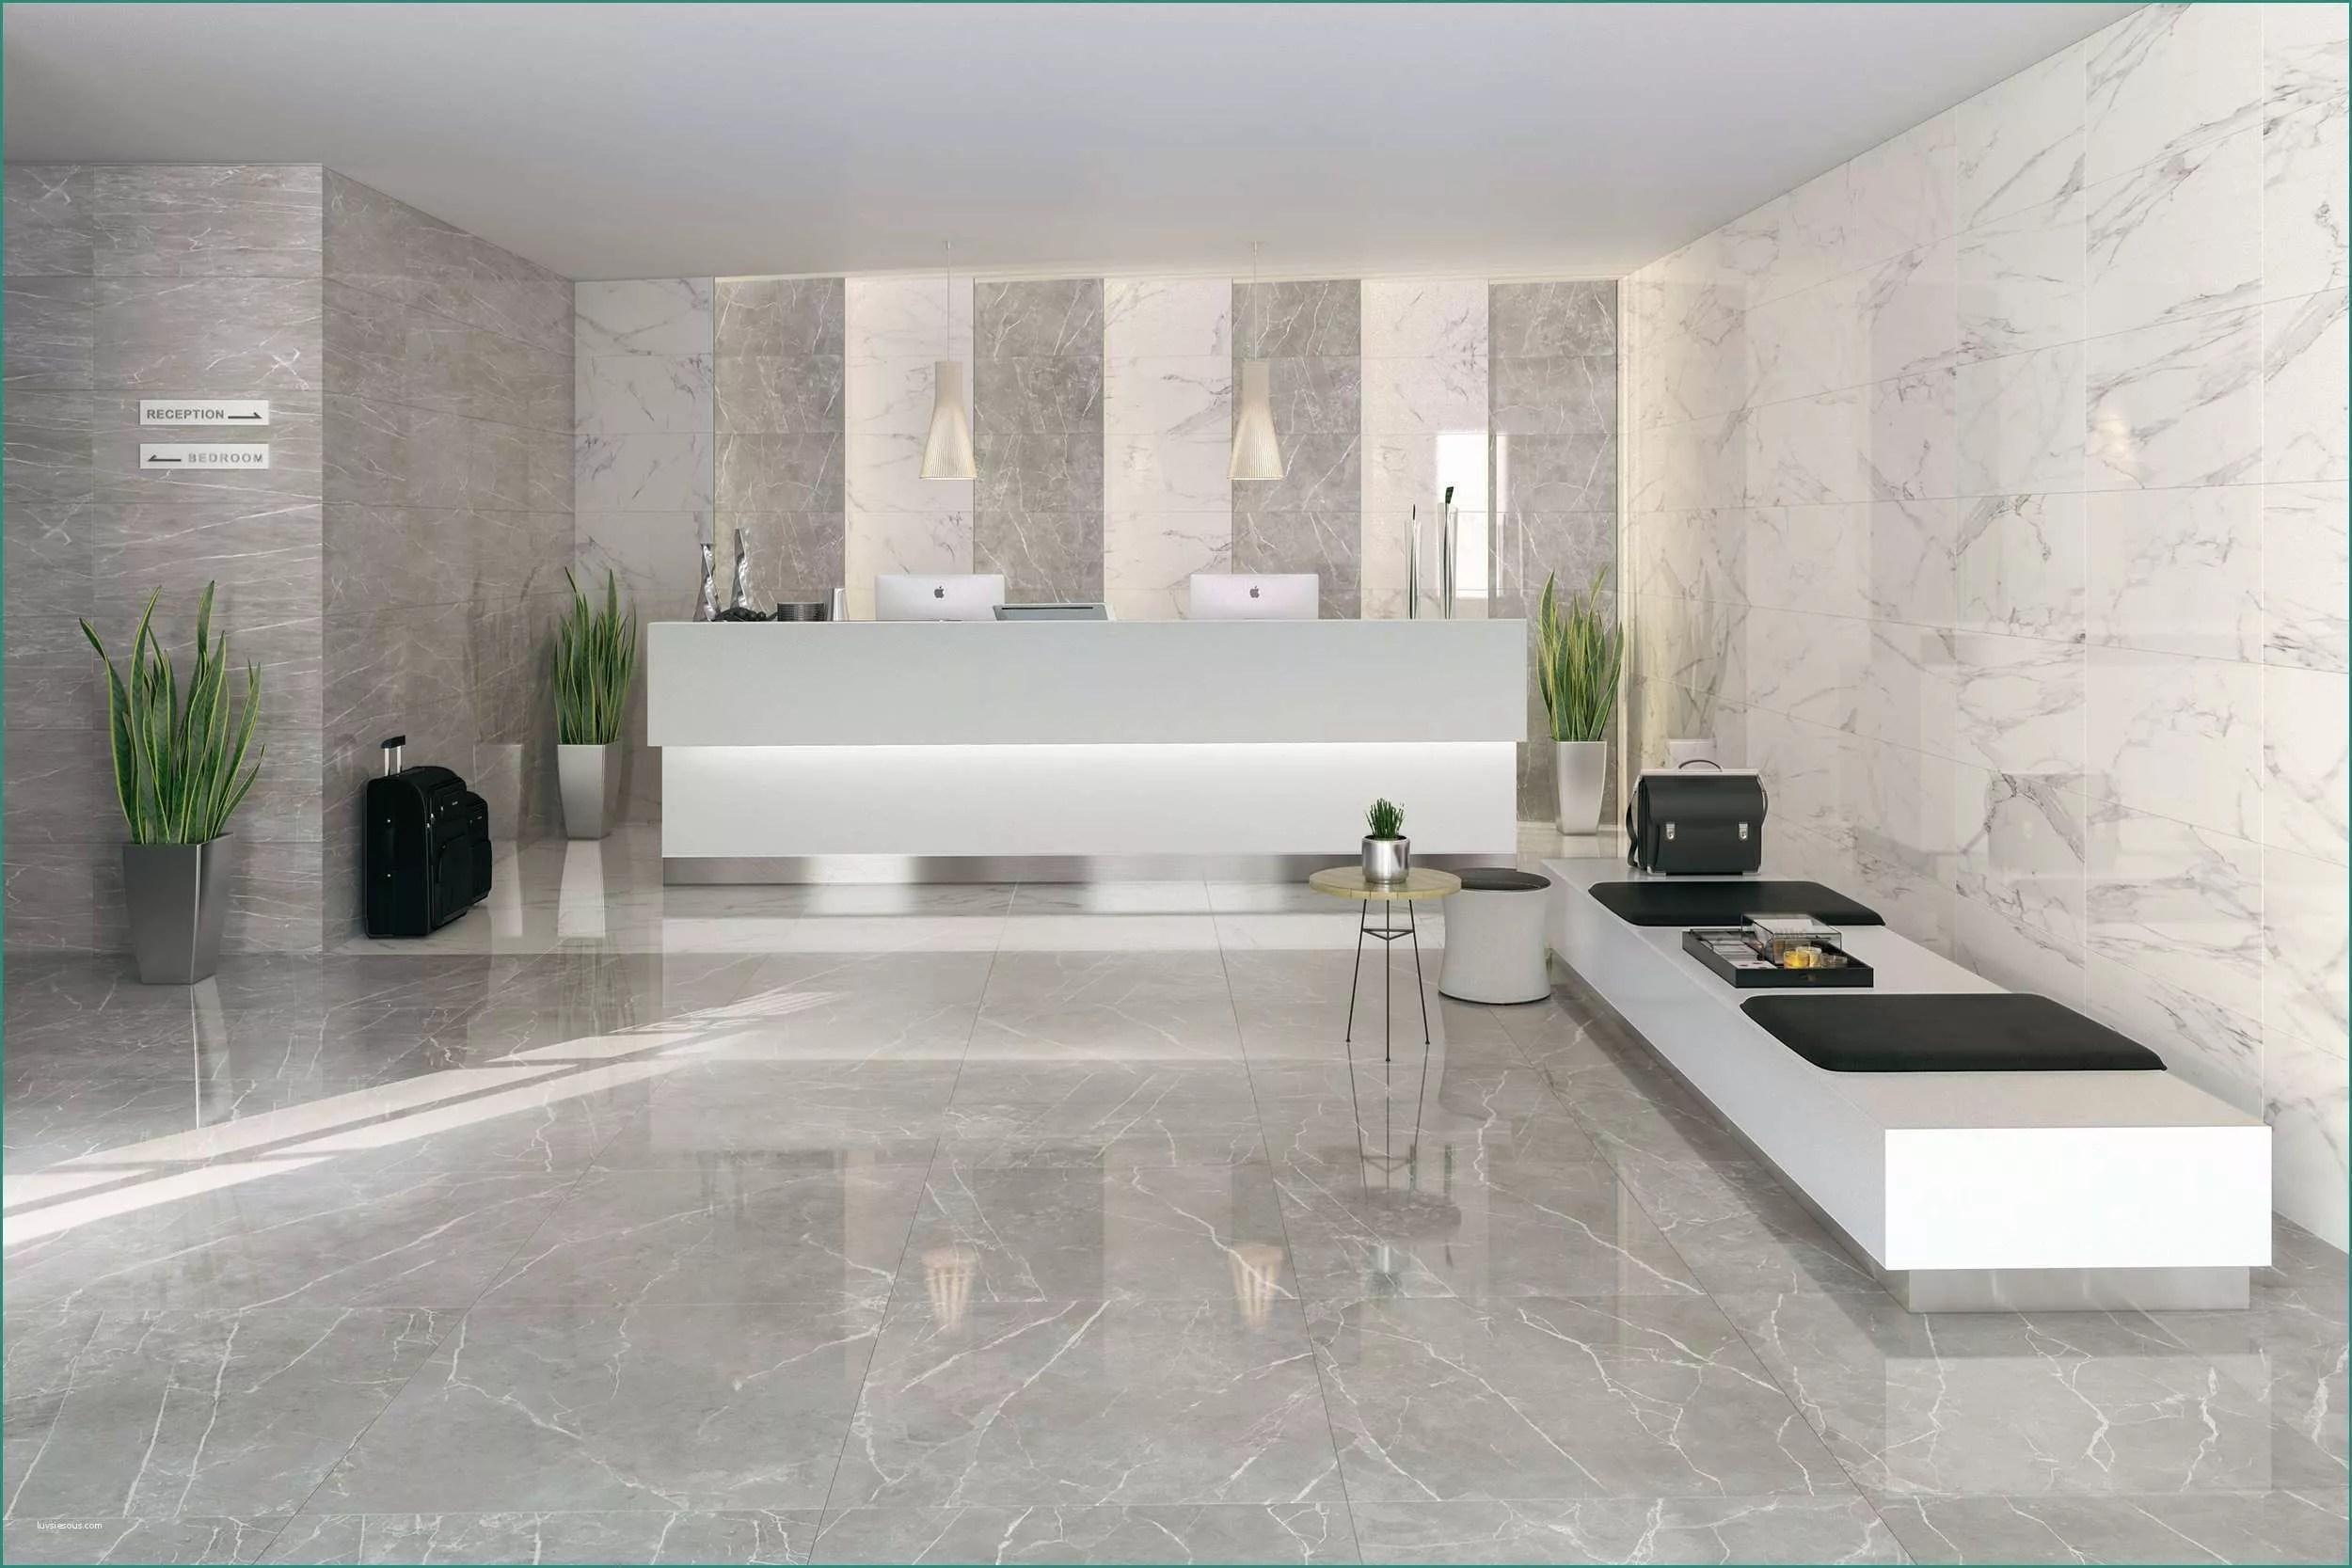 Gres Porcellanato Piastrelle Cucina gres porcellanato effetto pietra per pareti